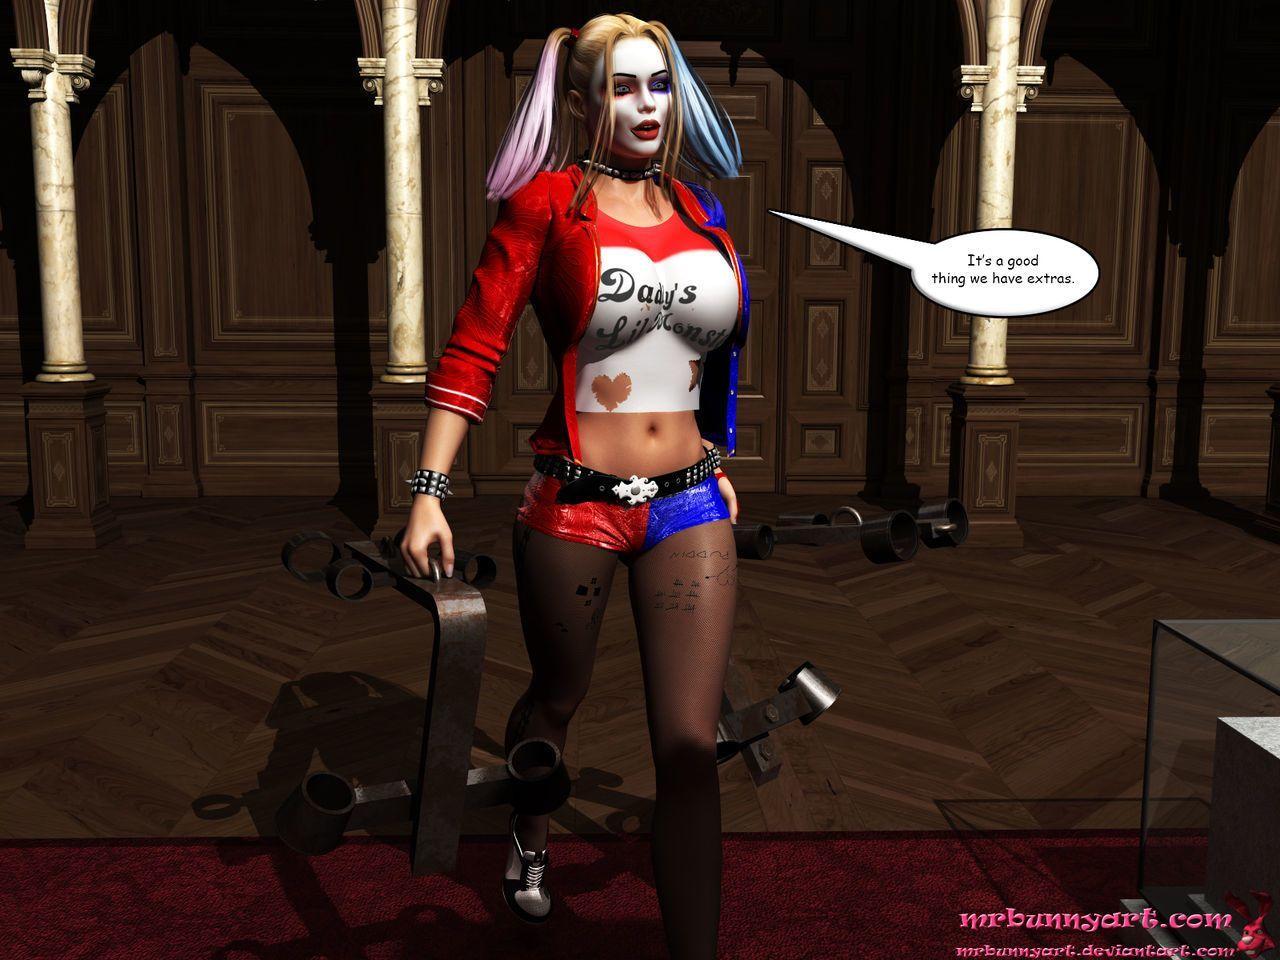 [MrBunnyArt] Cain vs Catwoman - part 2